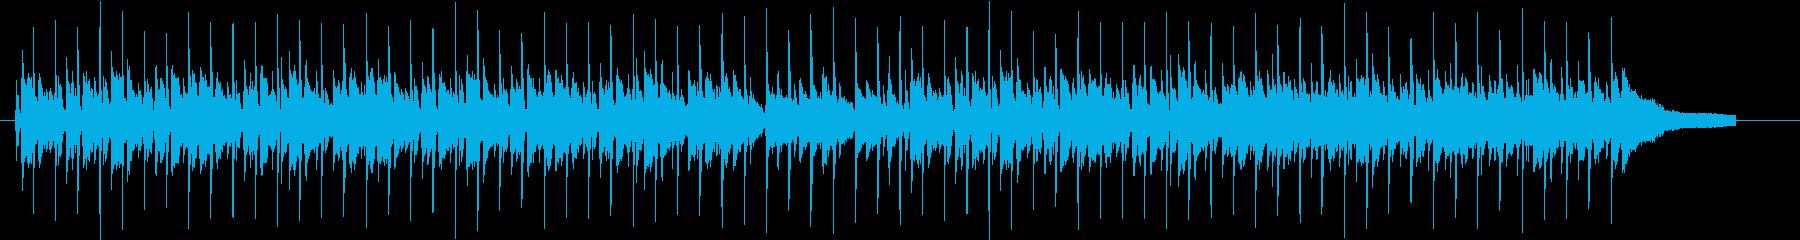 朝に聞くと気持ちいBGMの再生済みの波形